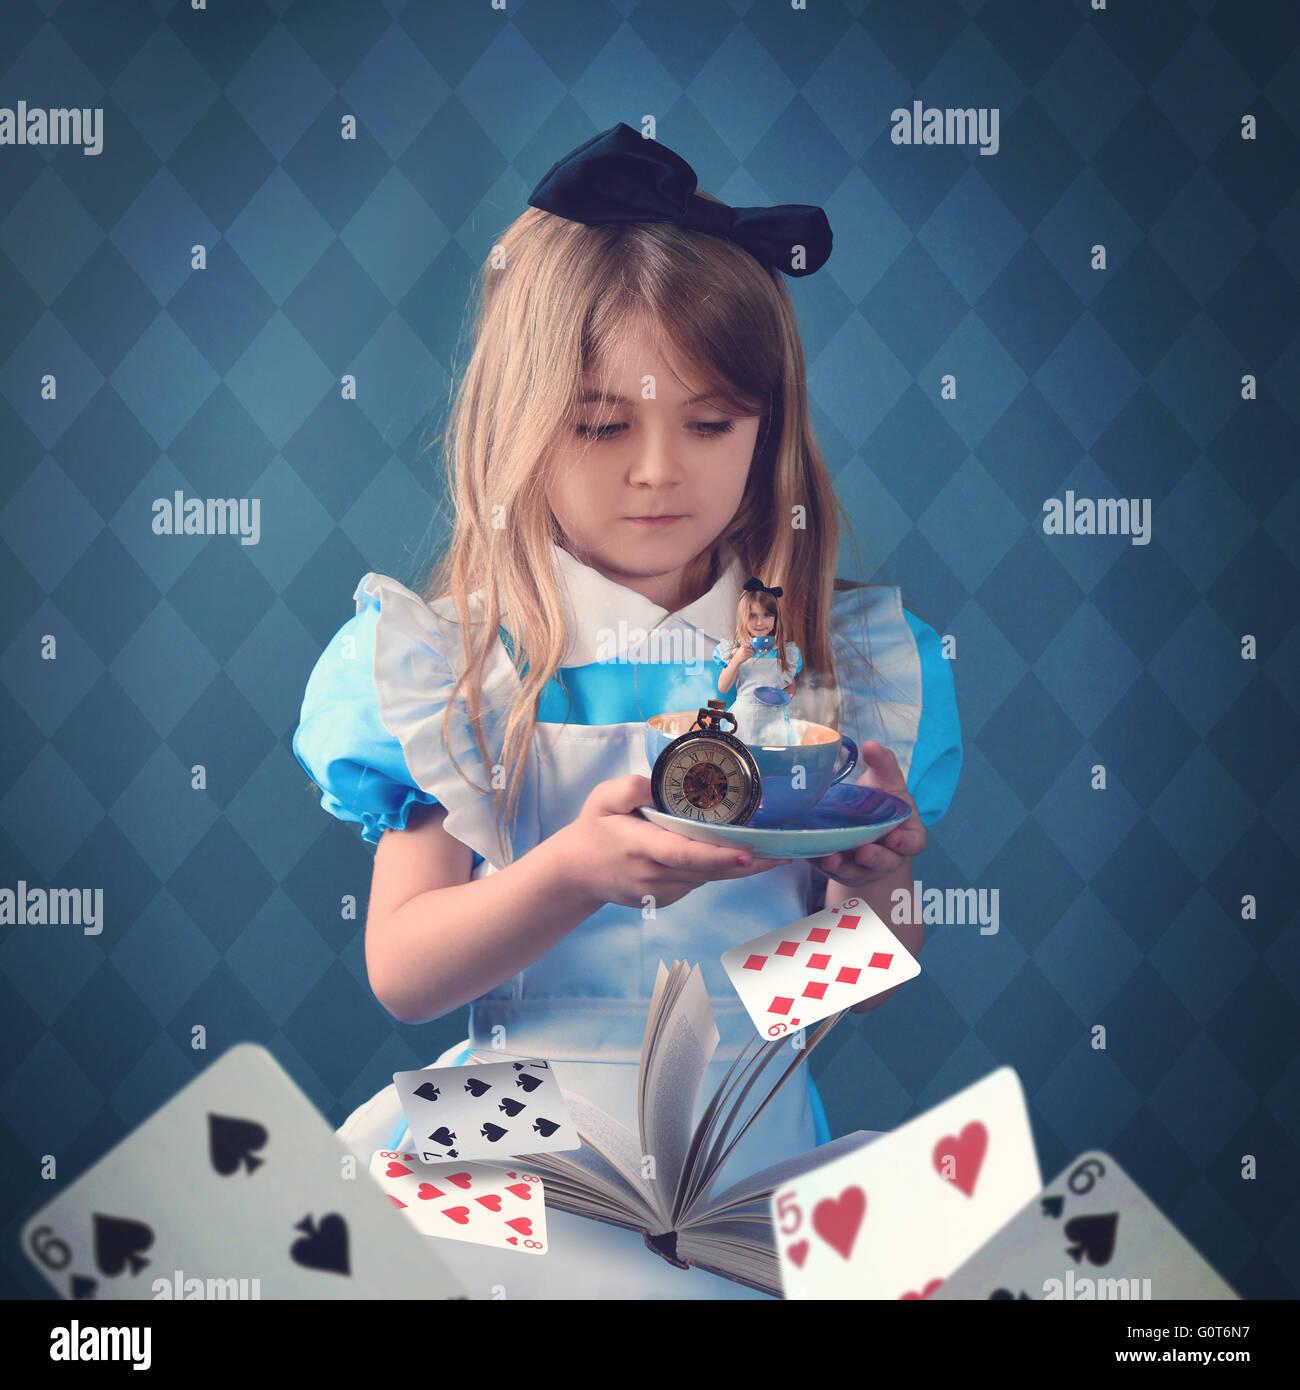 Une petite fille tient une tasse avec des cartes et un livre. L'enfant est à l'intérieur de la Photo Stock